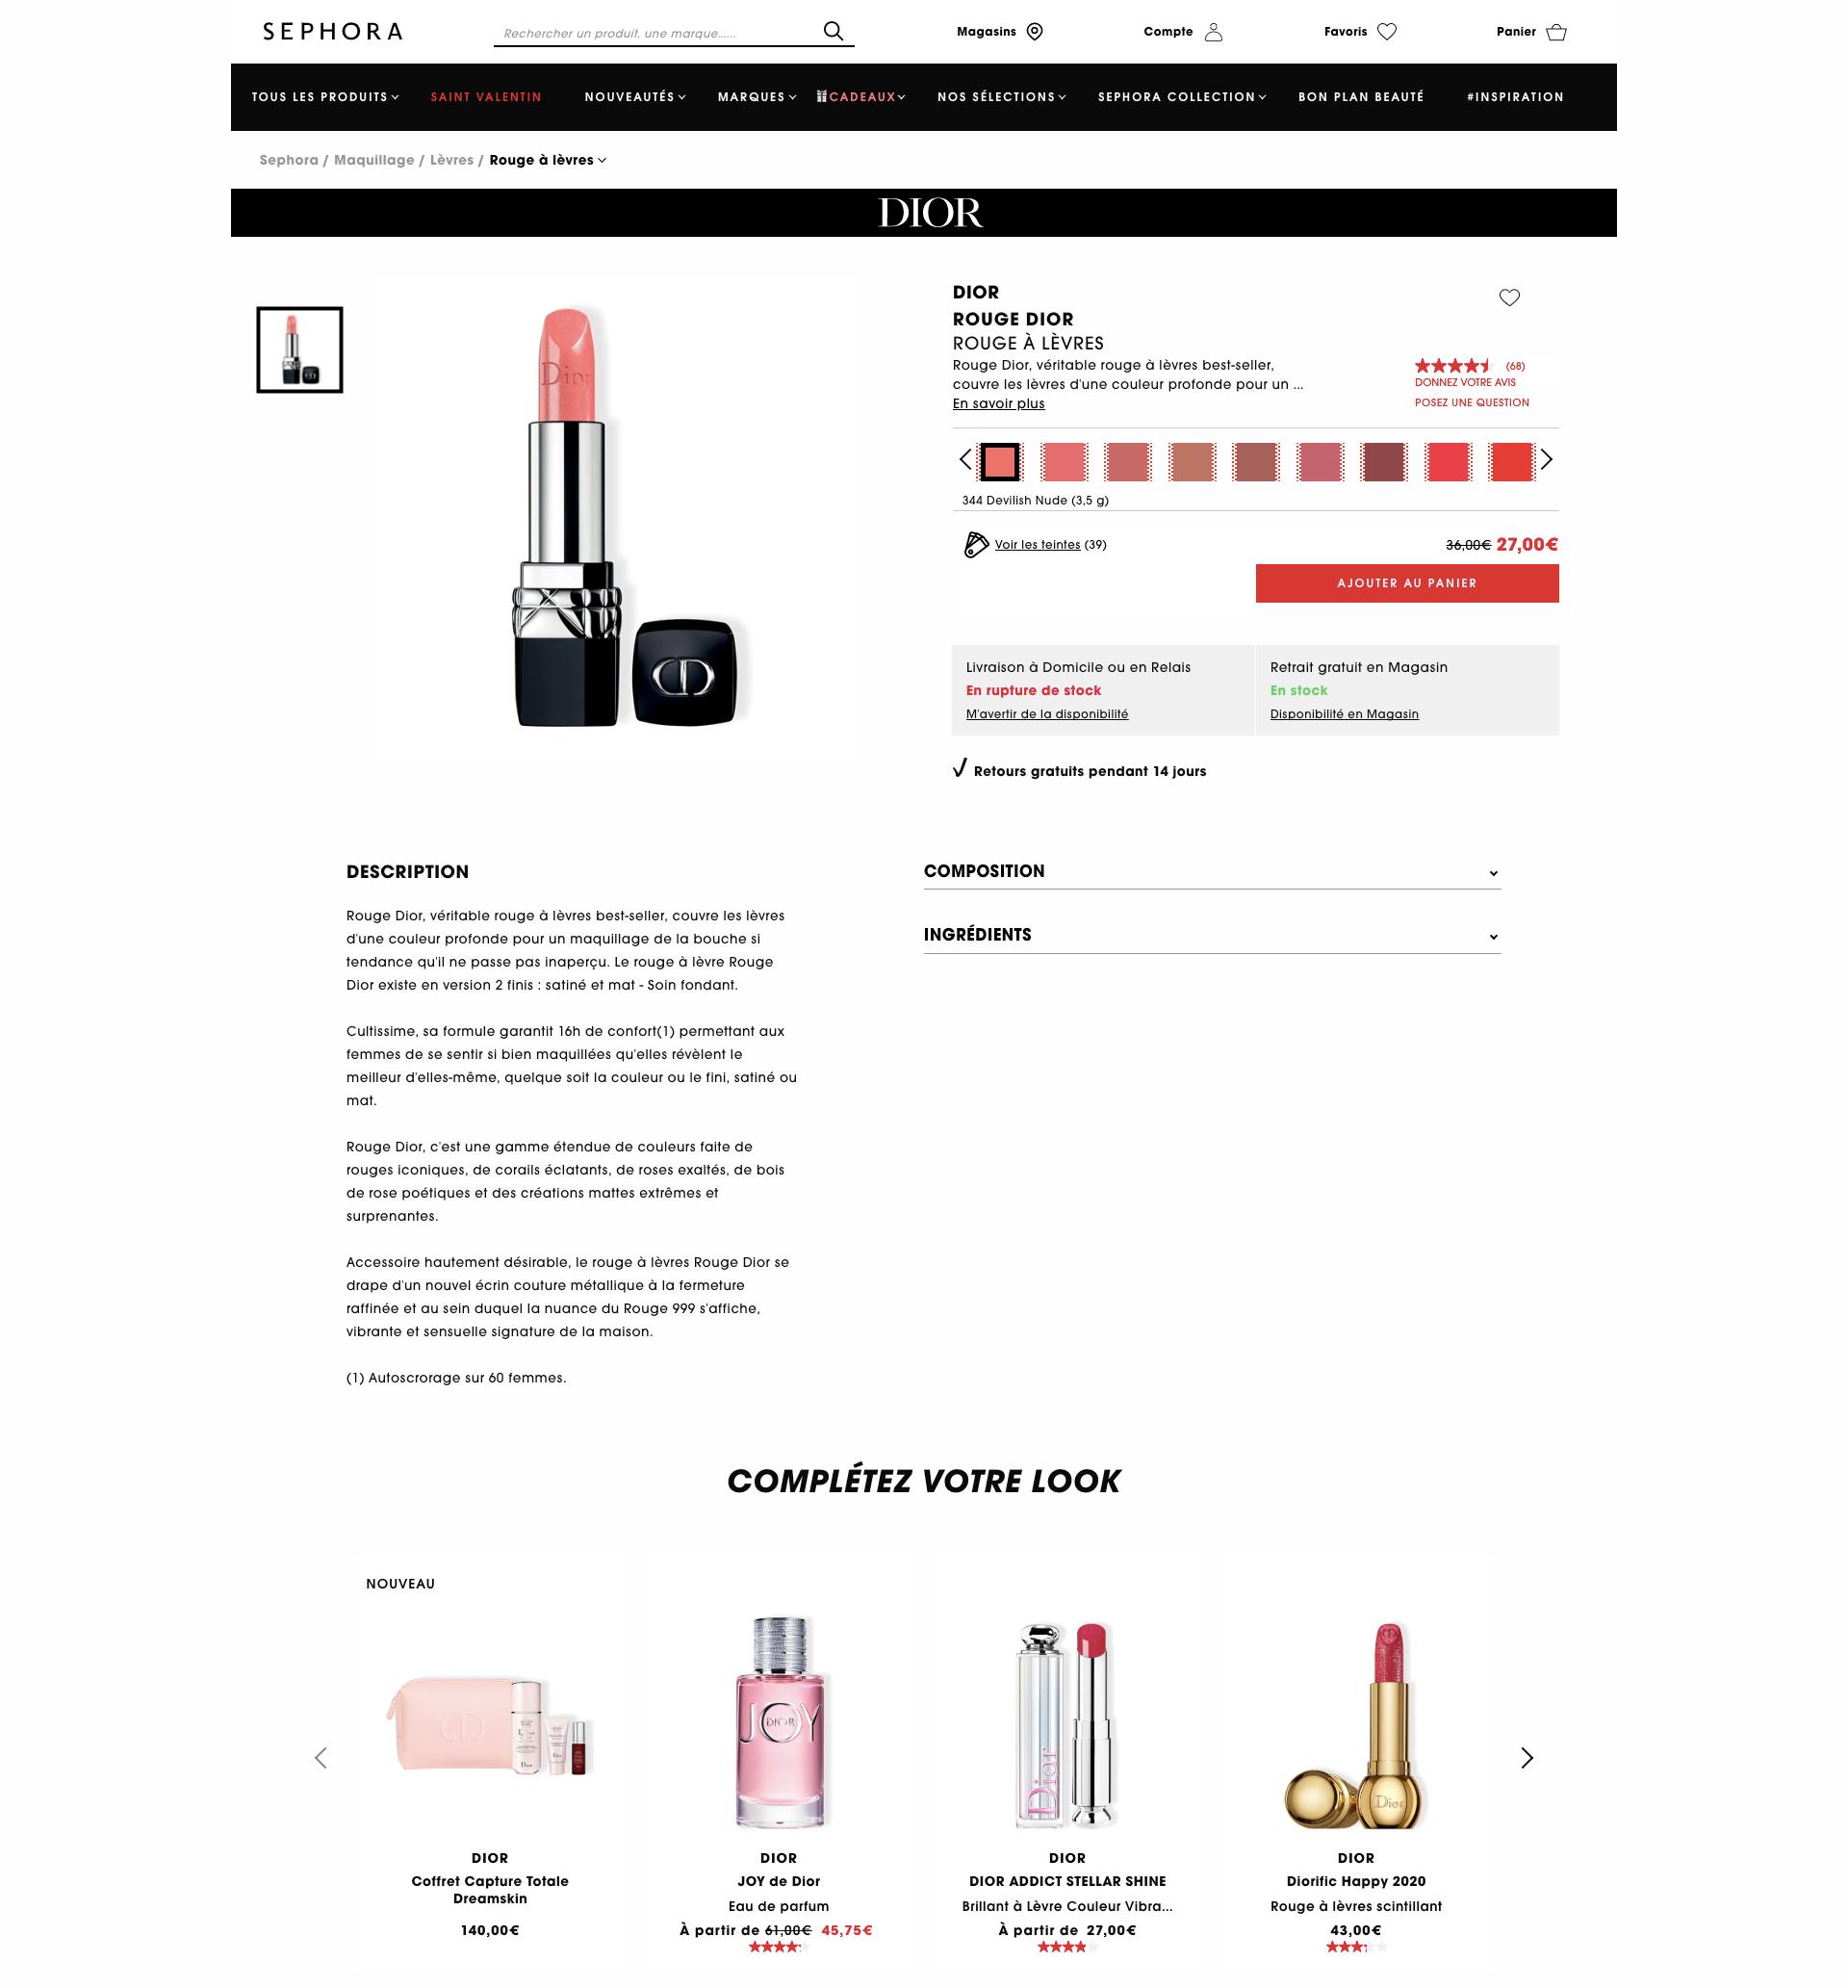 exemple fiche produit cosmétique : Sephora